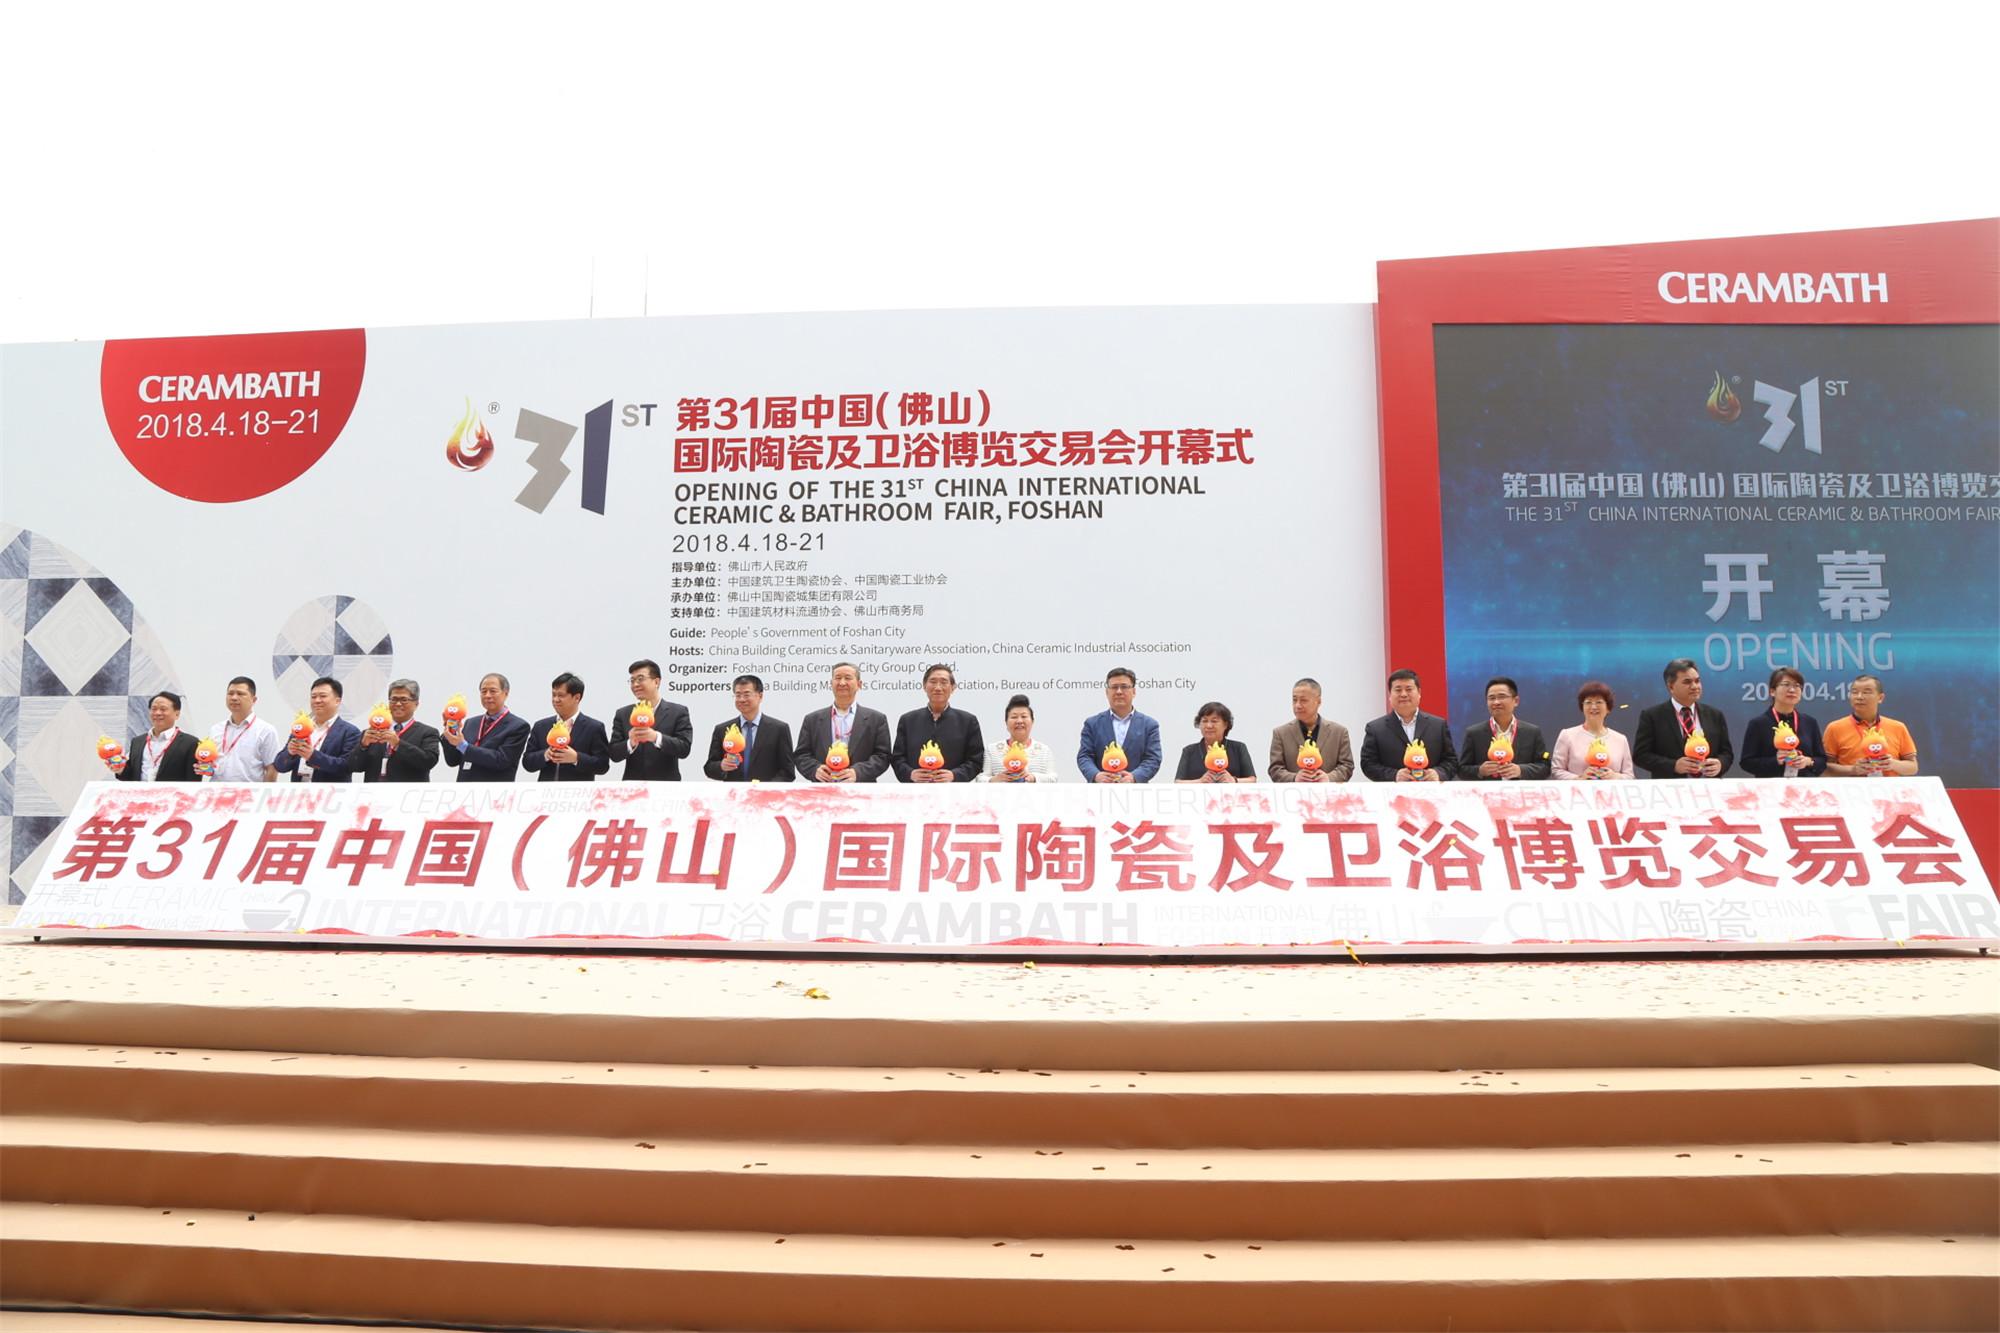 搭建国际舞台  引领行业风向 第31届中国?佛山陶博会盛大开幕